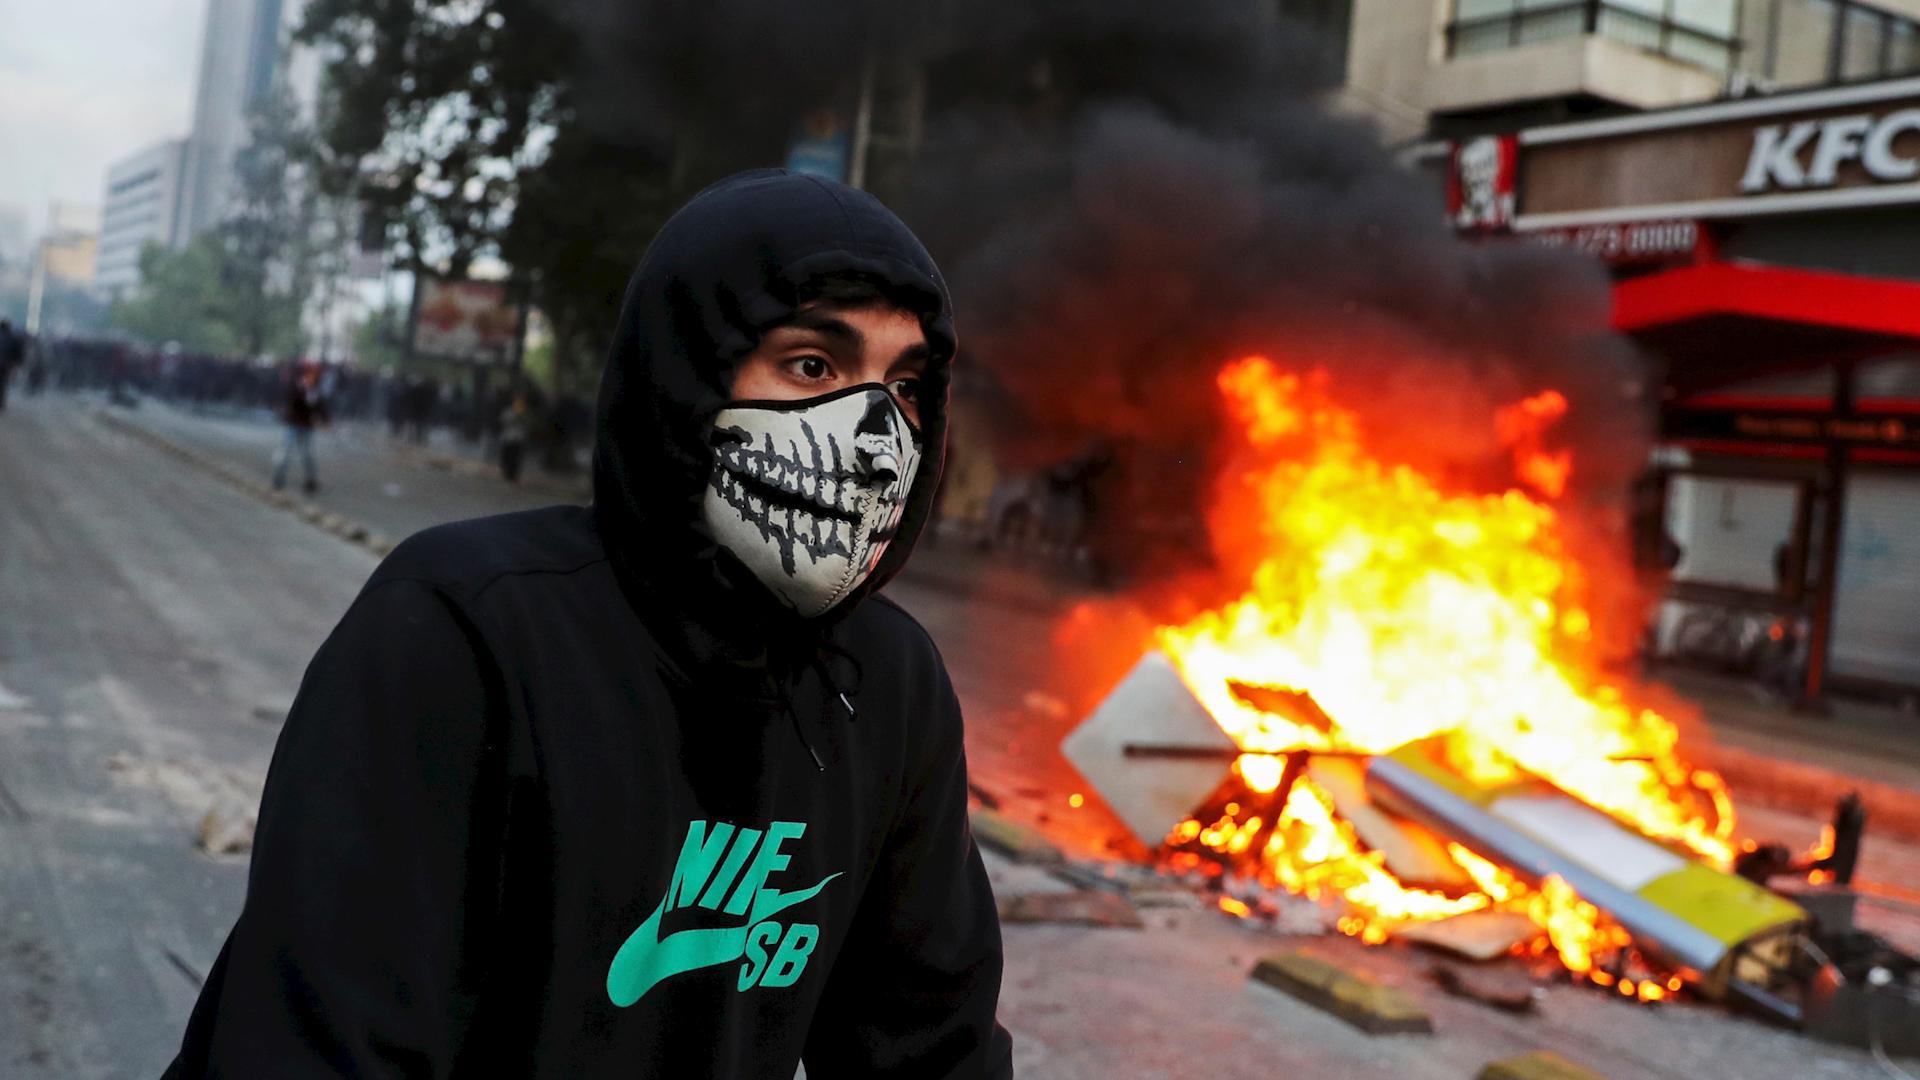 Las protestas estudiantiles en Santiago se extendieron y radicalizaron en pocos días, abarcando a diversos sectores sociales y empujando al presidente Sebastián Piñera a declarar un toque de queda en varias partes del país.